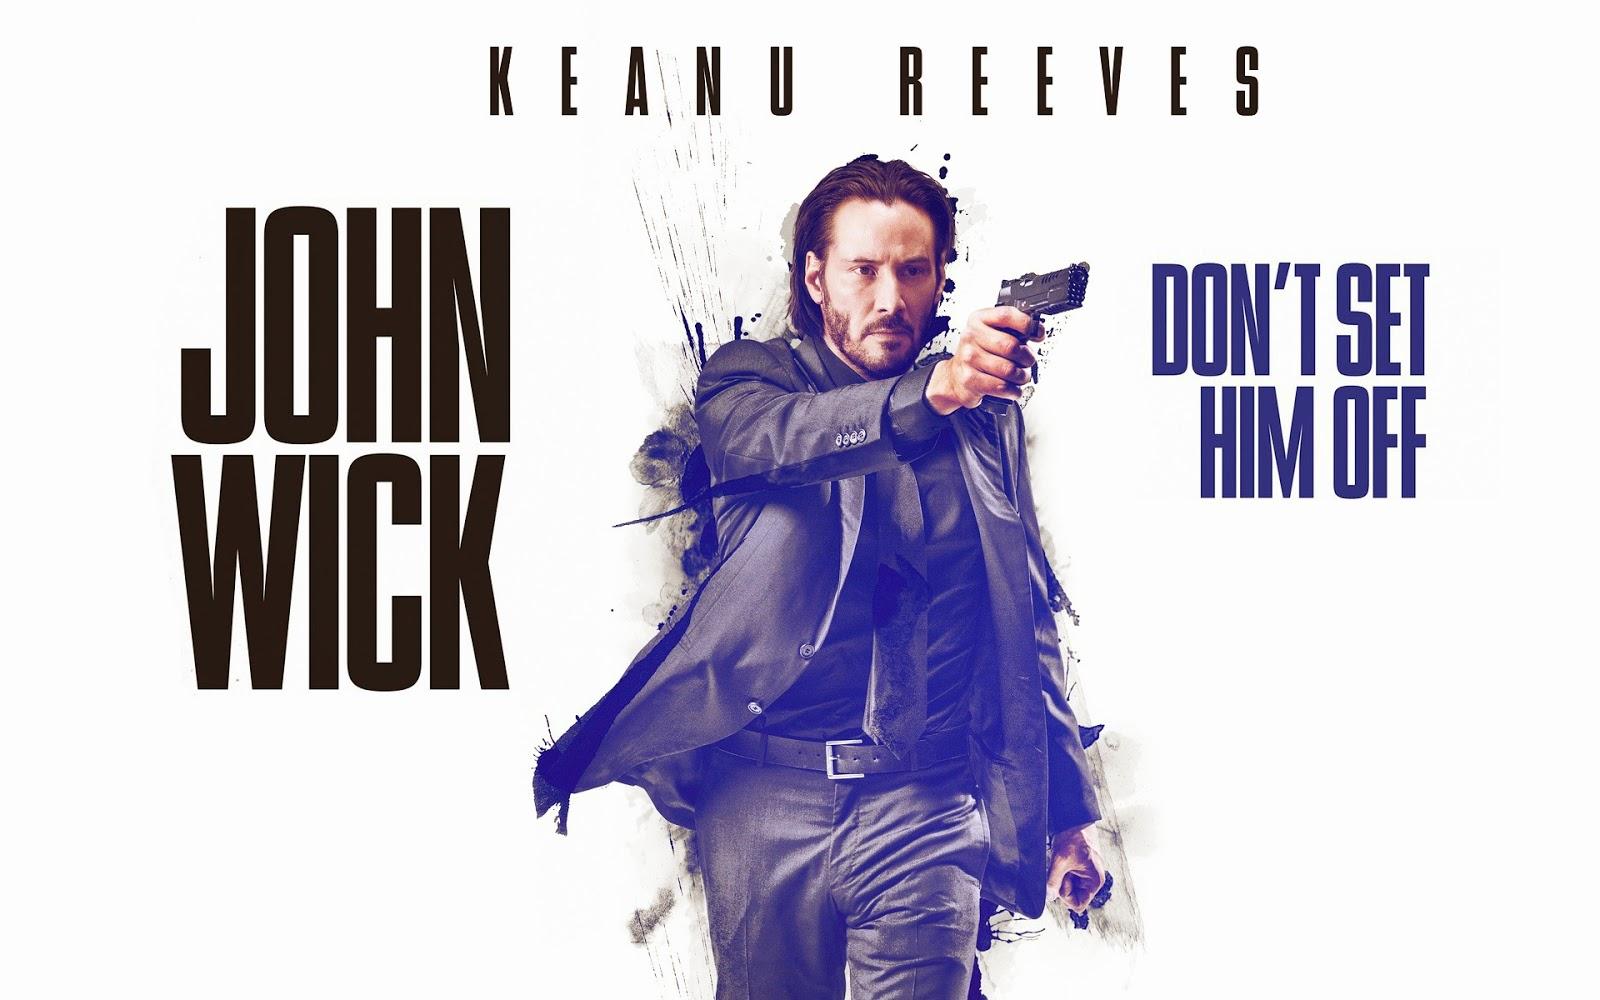 【ジョン・ウィック】 キアヌ復活!マトリックスを超えれるか?